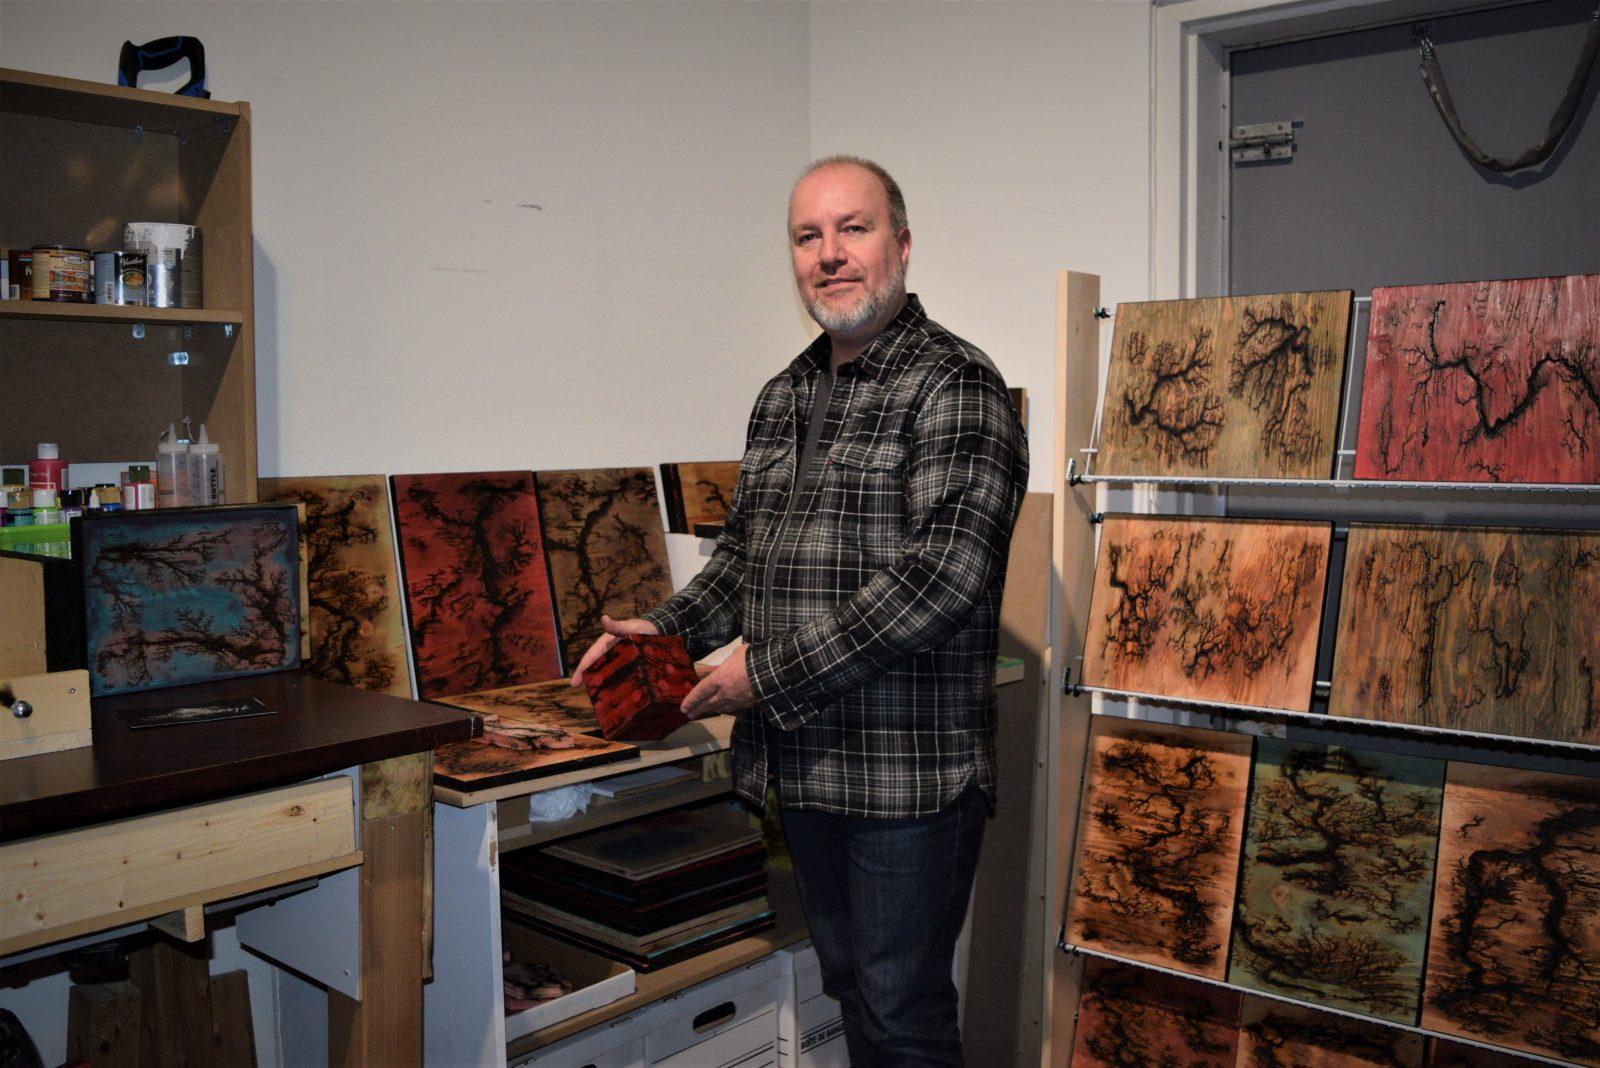 Foudroyer des planches de bois, la passion artistique de Marco Bégin